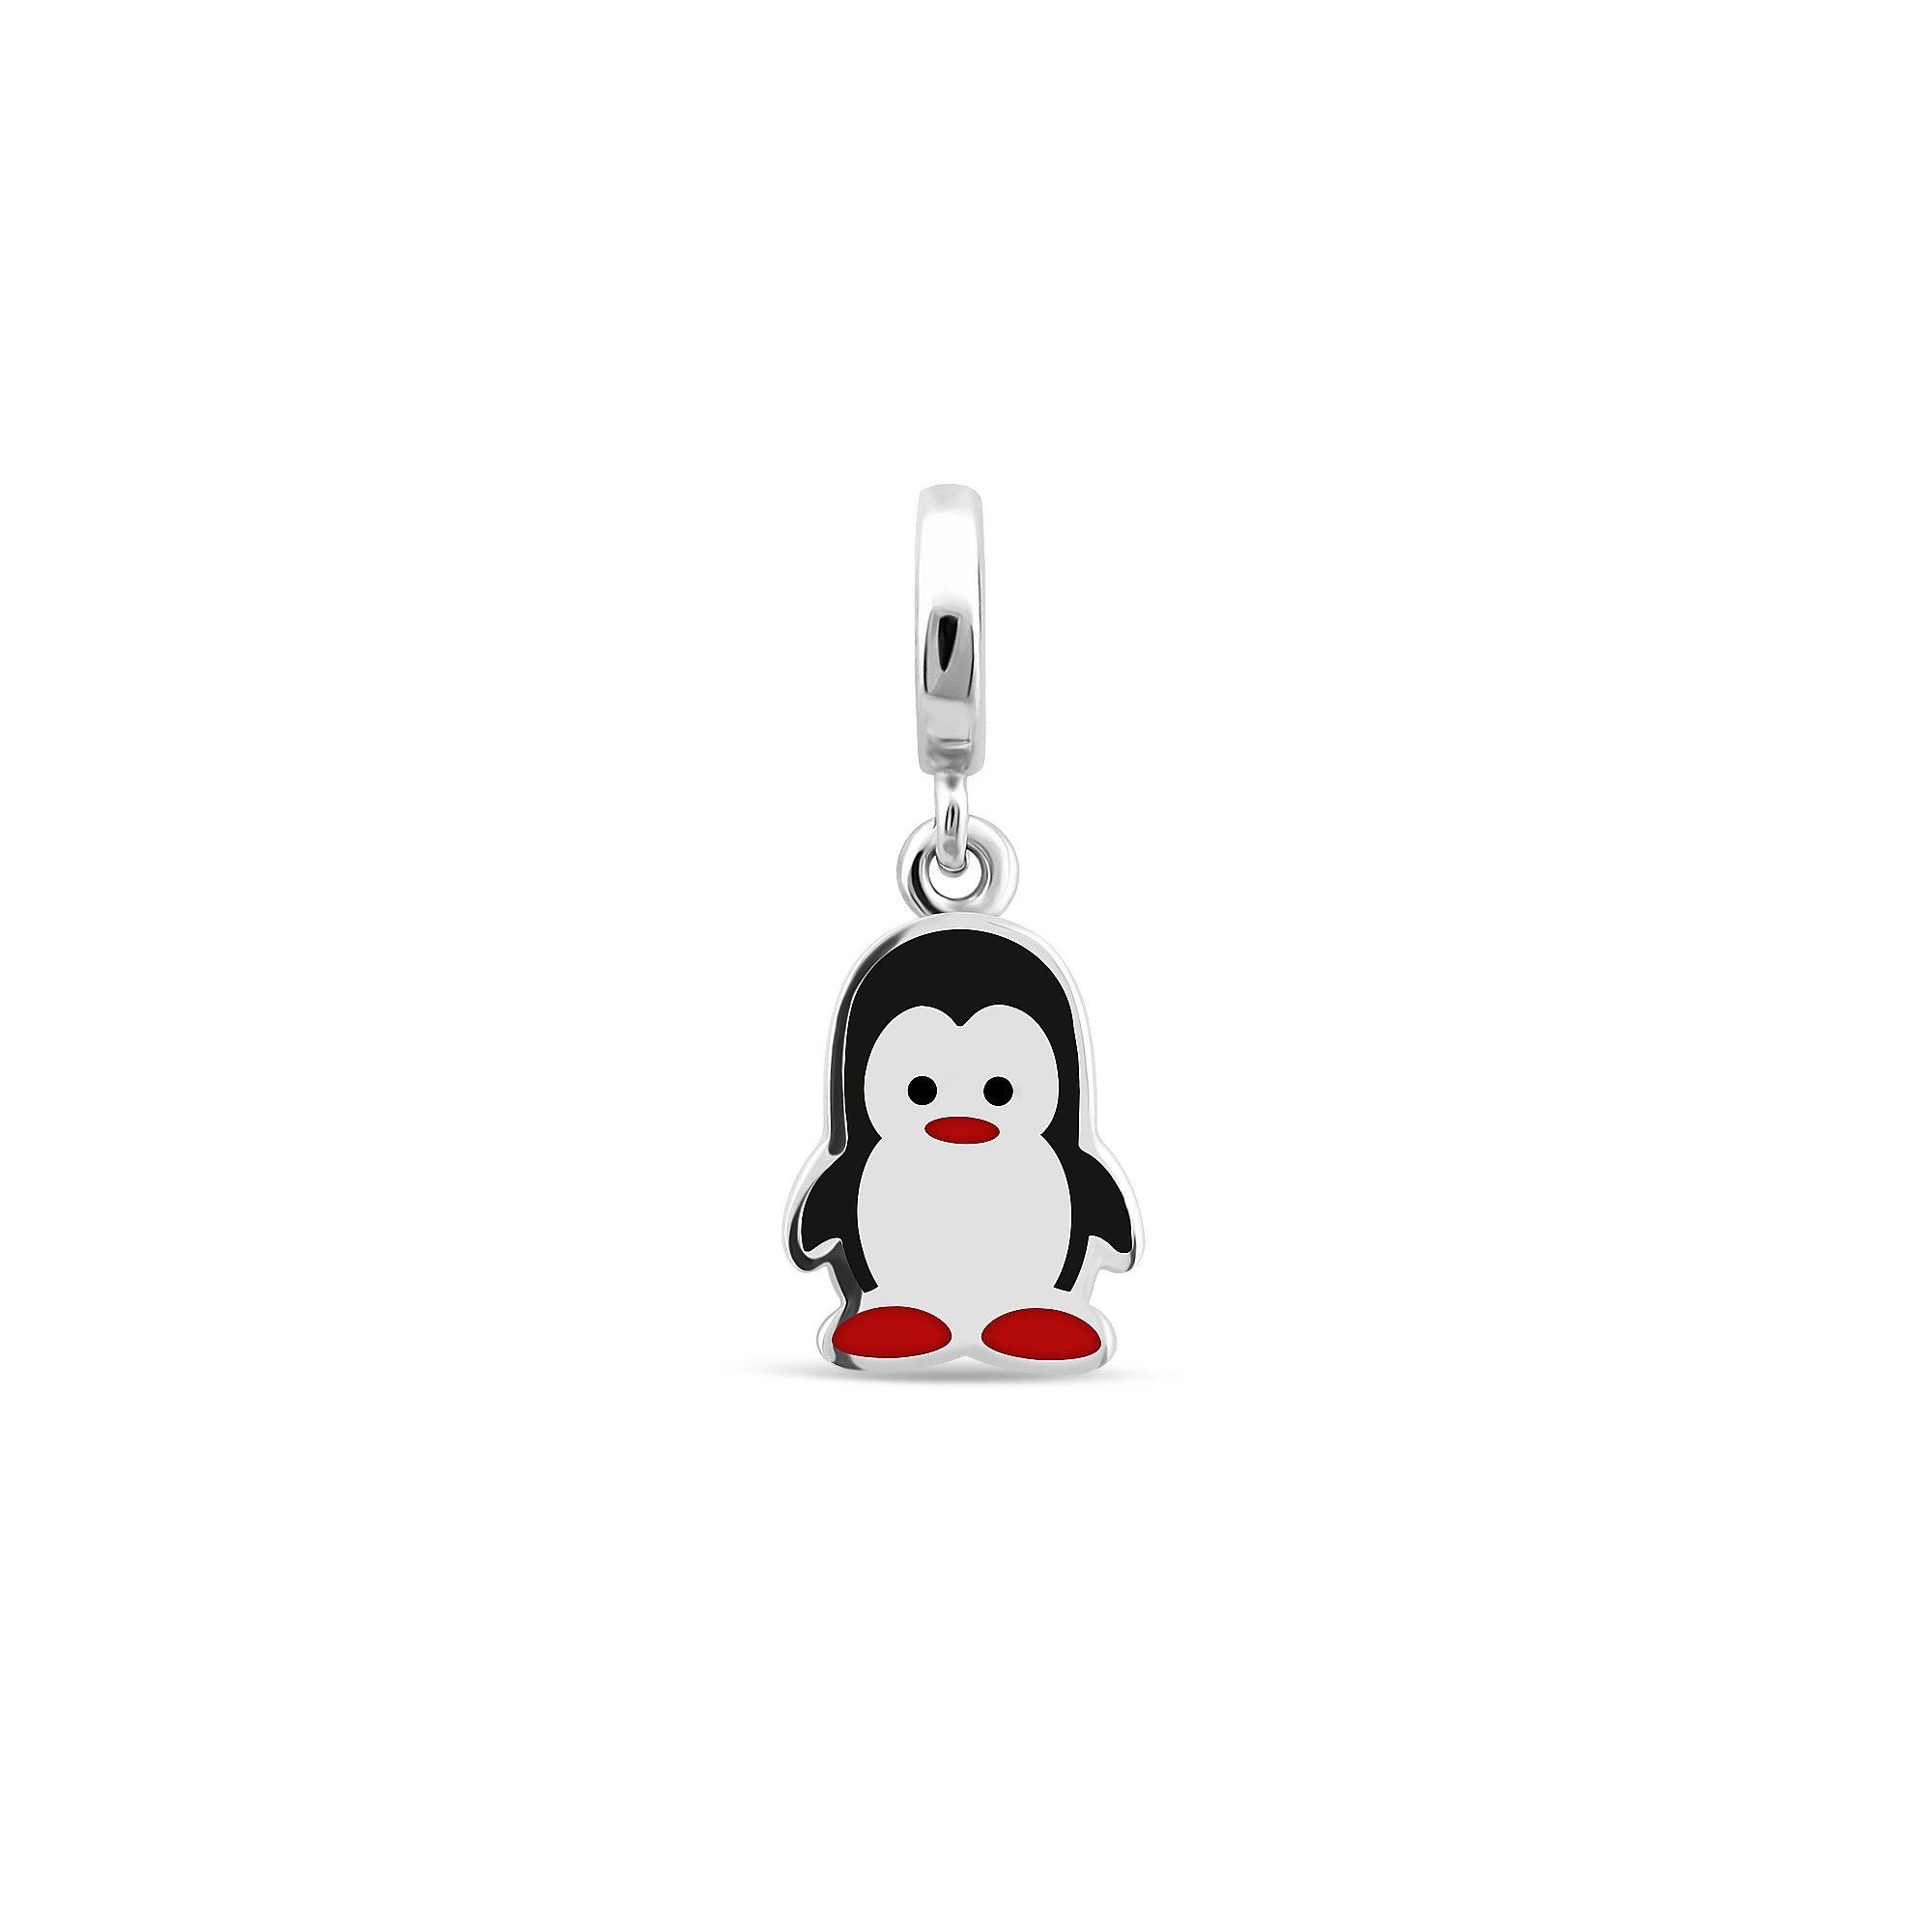 Серебряная подвеска Ми-ми-ми пингвин с белой, черной и красной эмалью